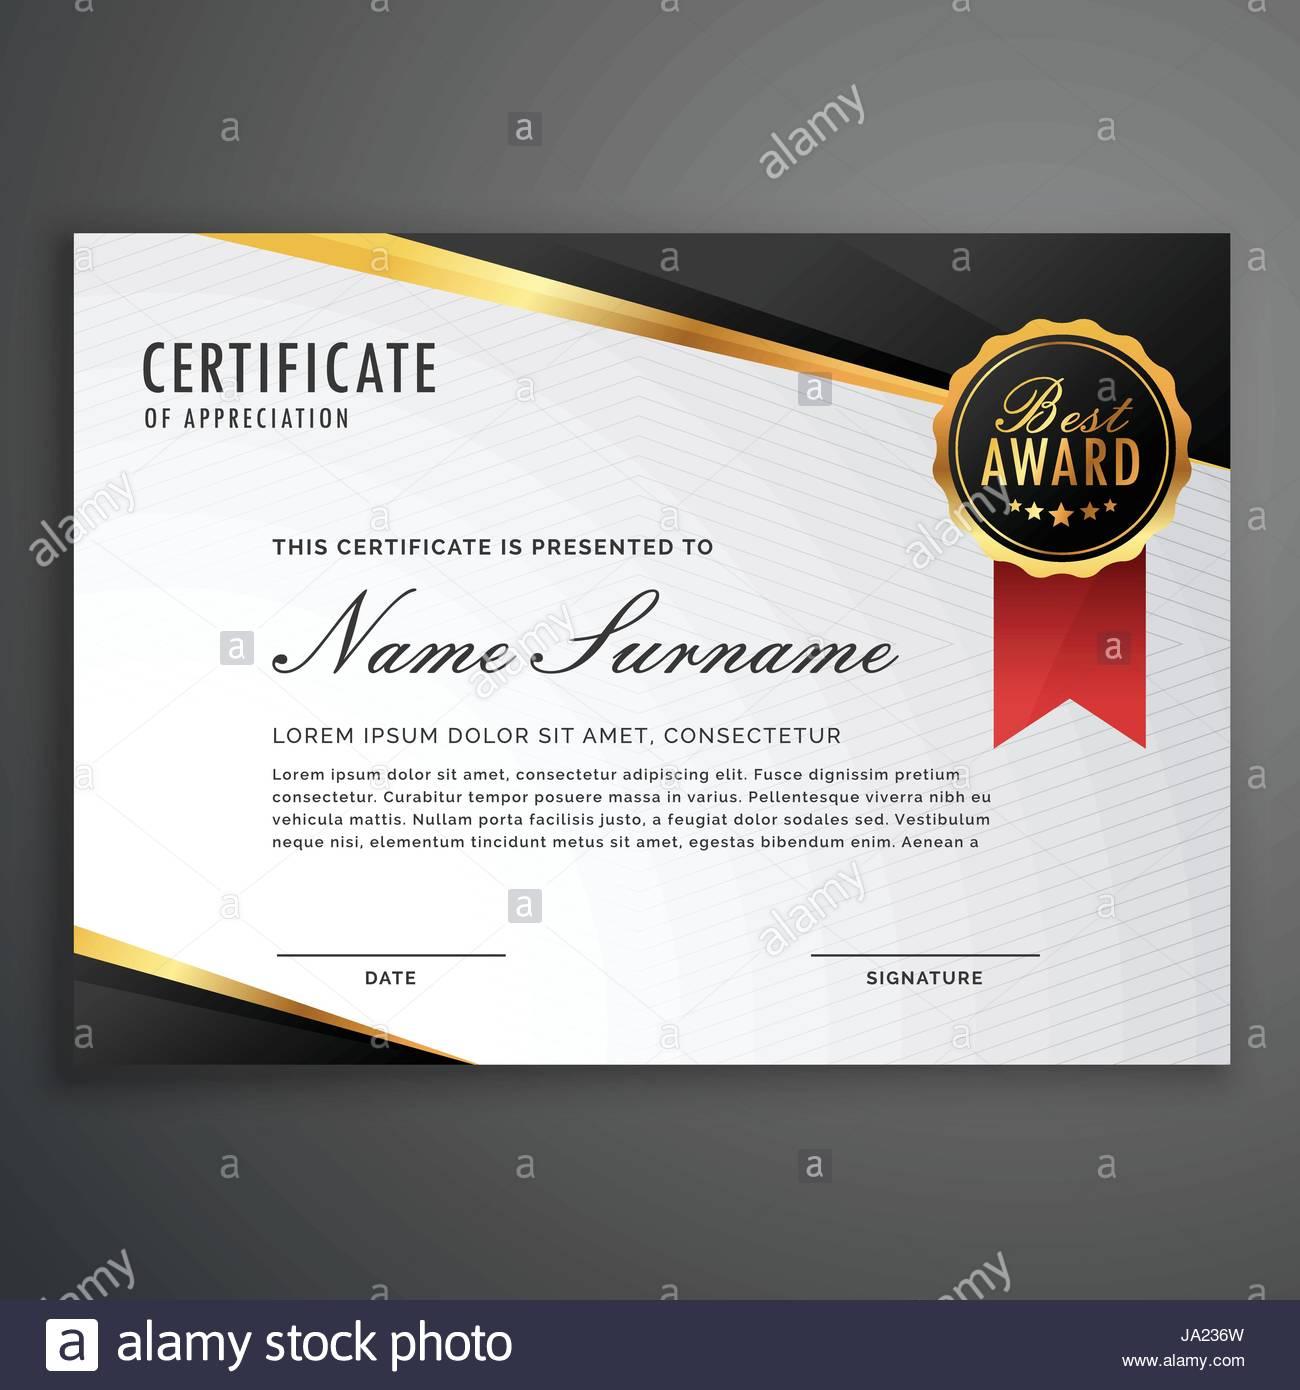 Beste Congratulations Zertifikatvorlage Wort Galerie - Bilder für ...